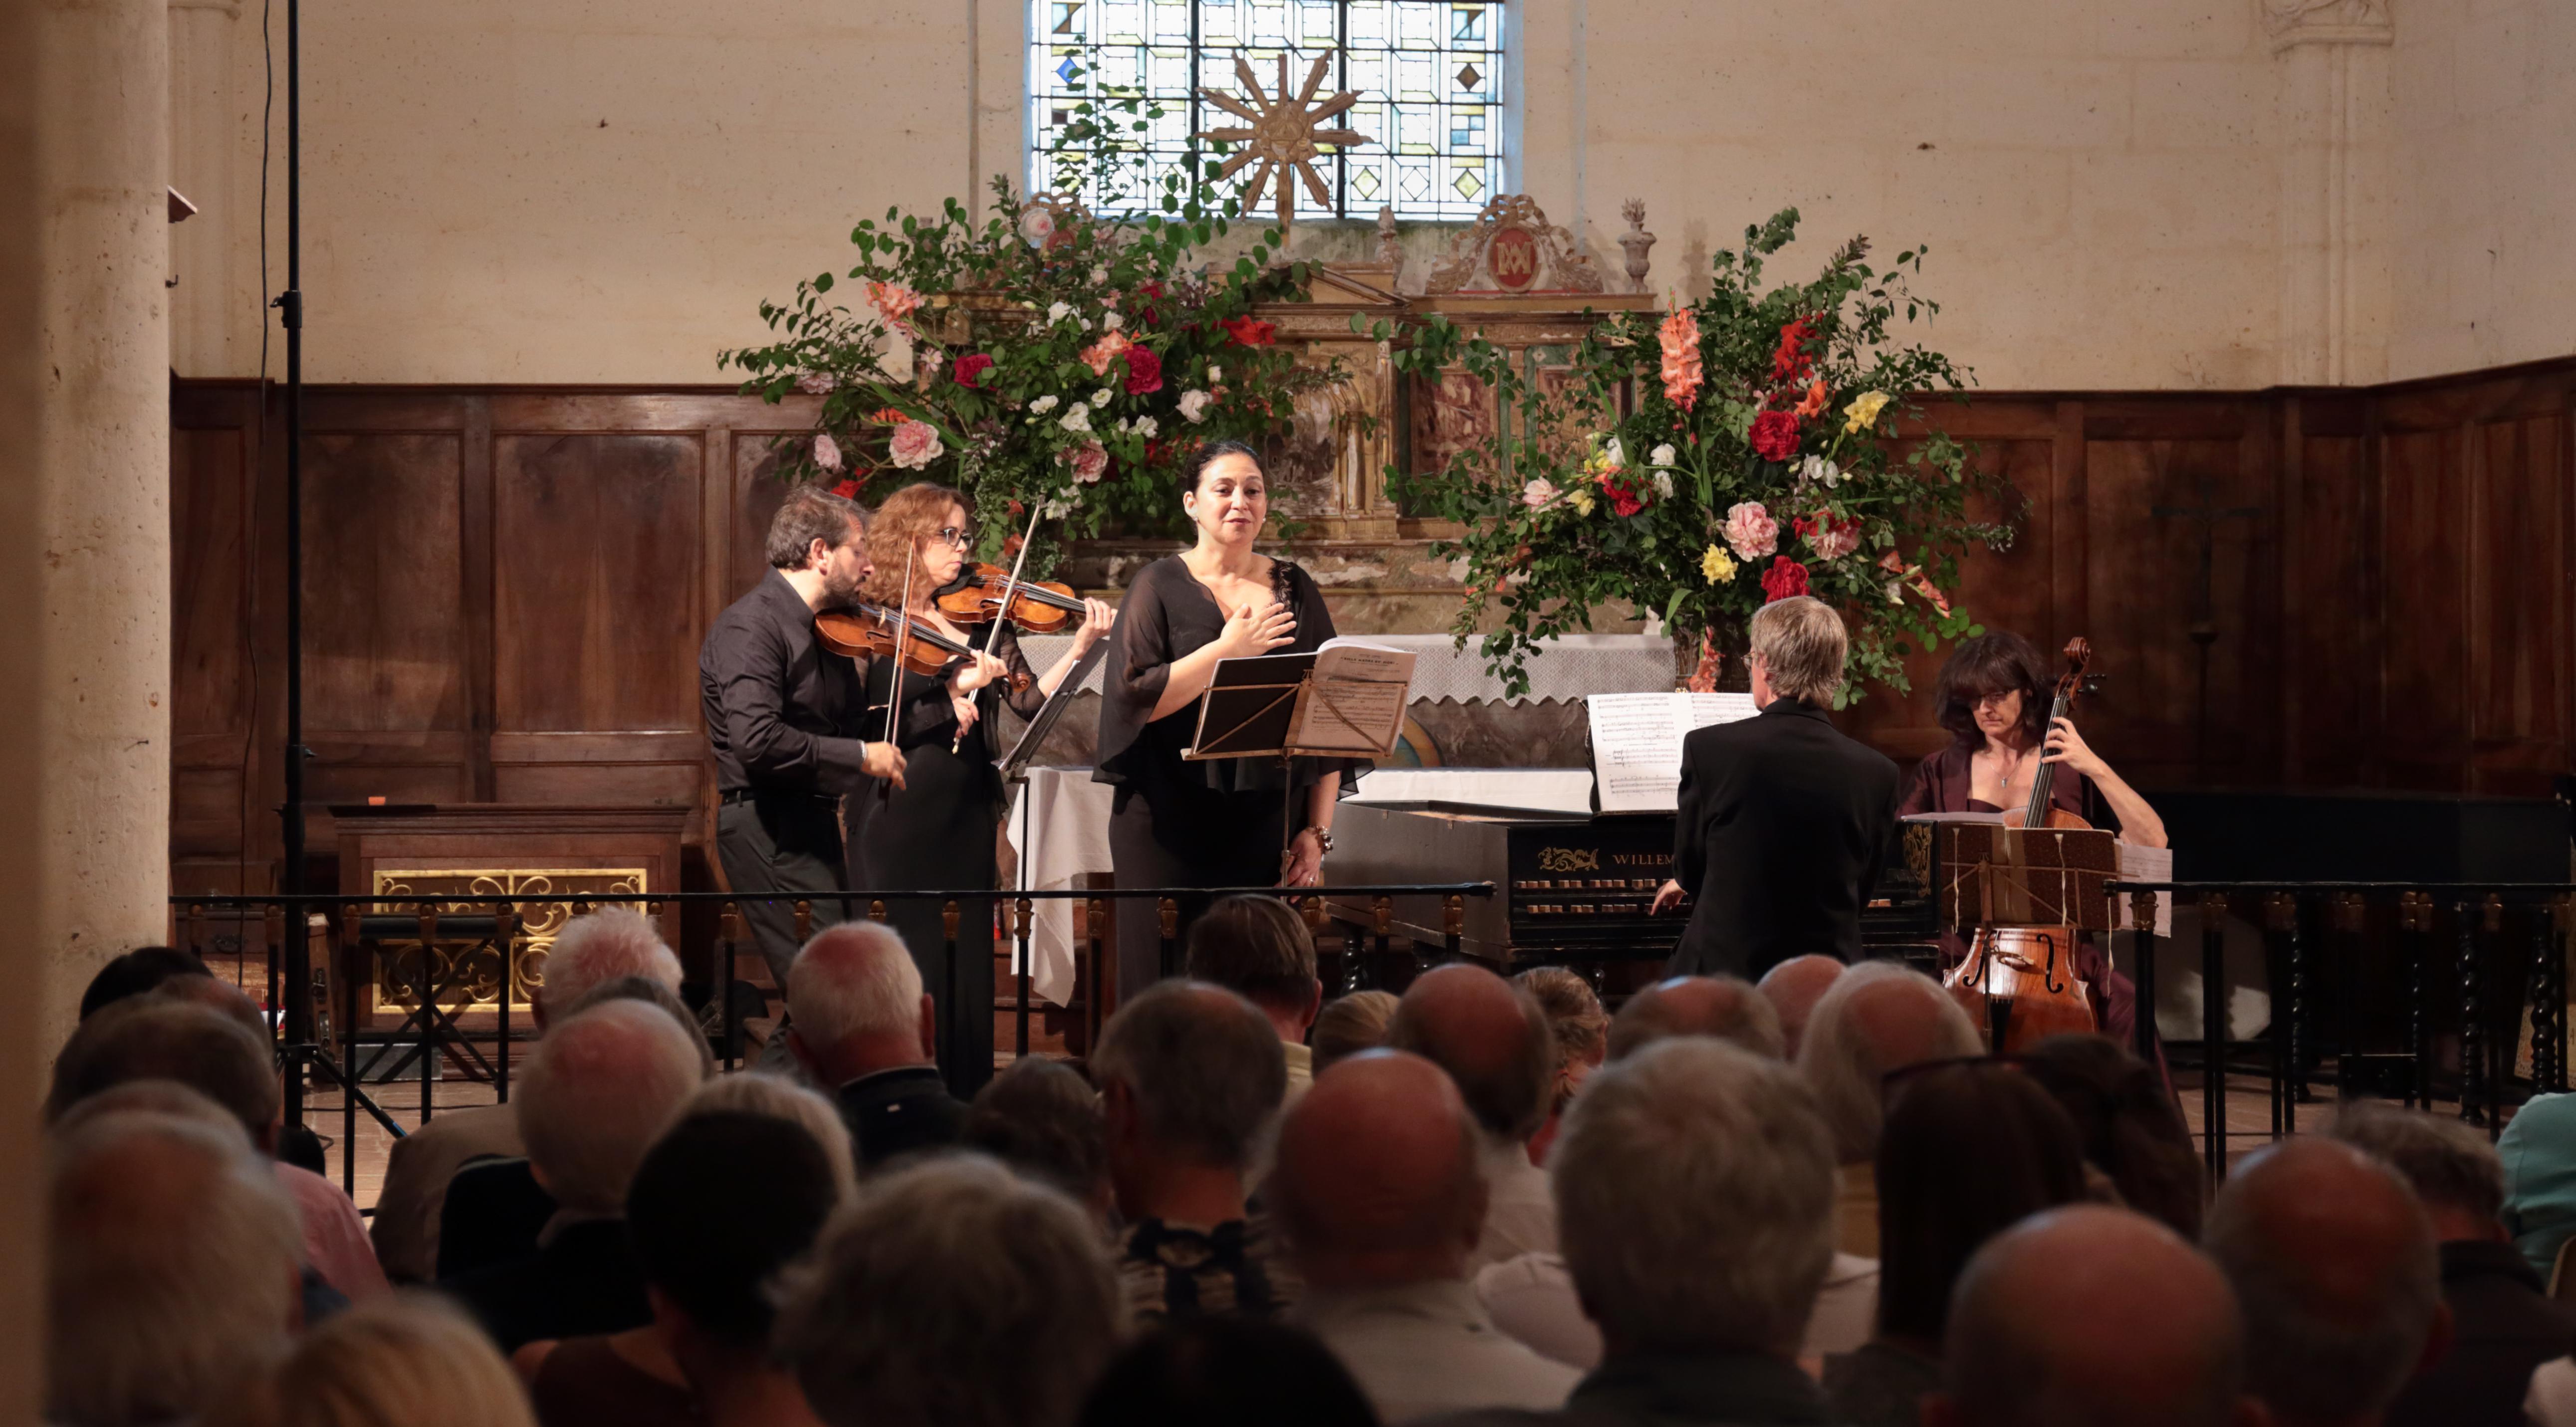 Soprano with orchestra